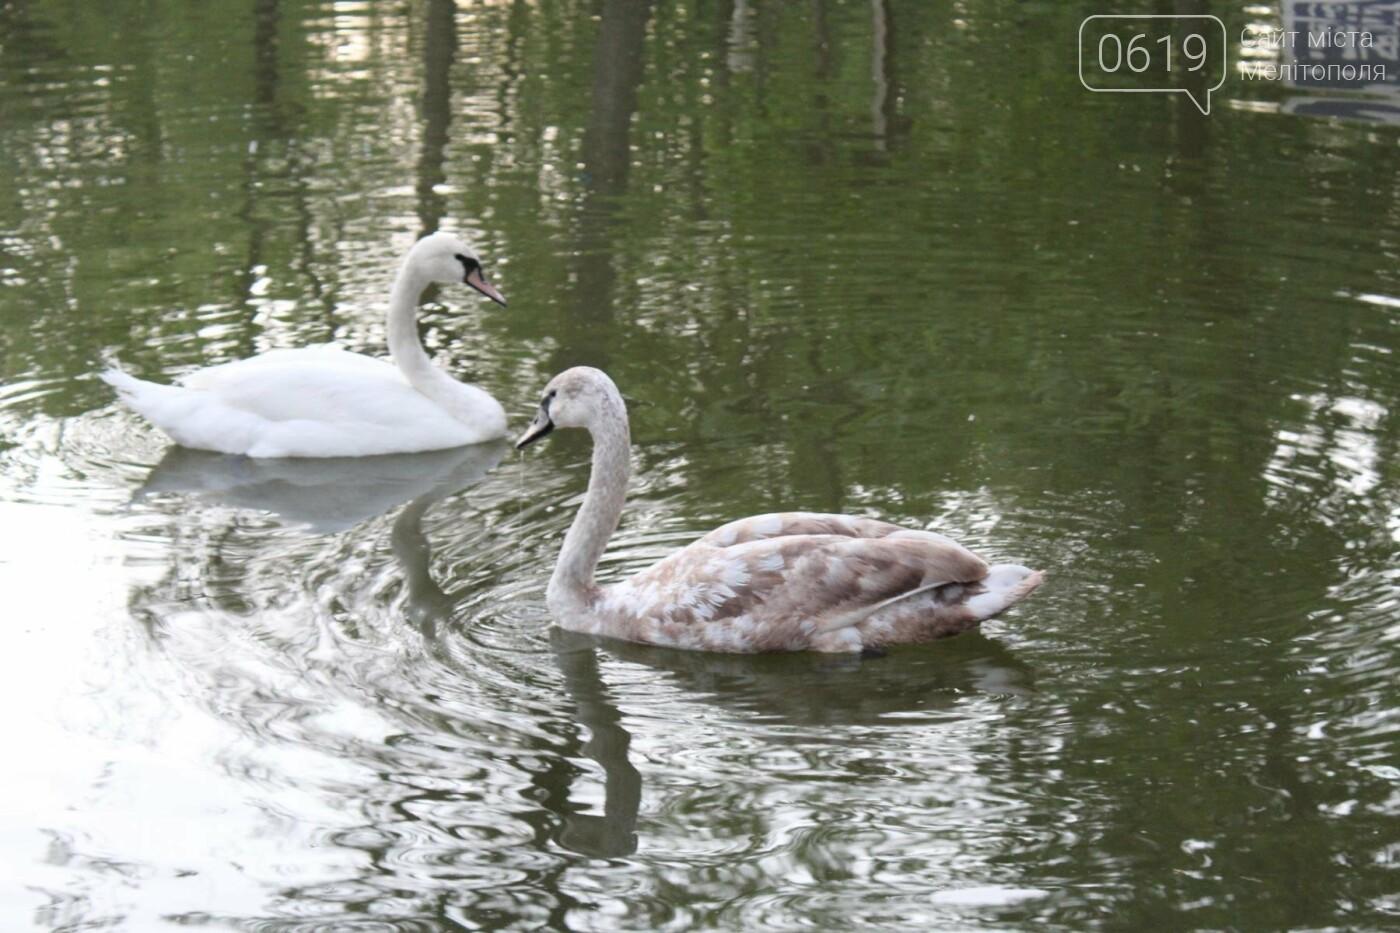 На торжественное открытие пруда в мелитопольском парке собрались сотни горожан, фото-2